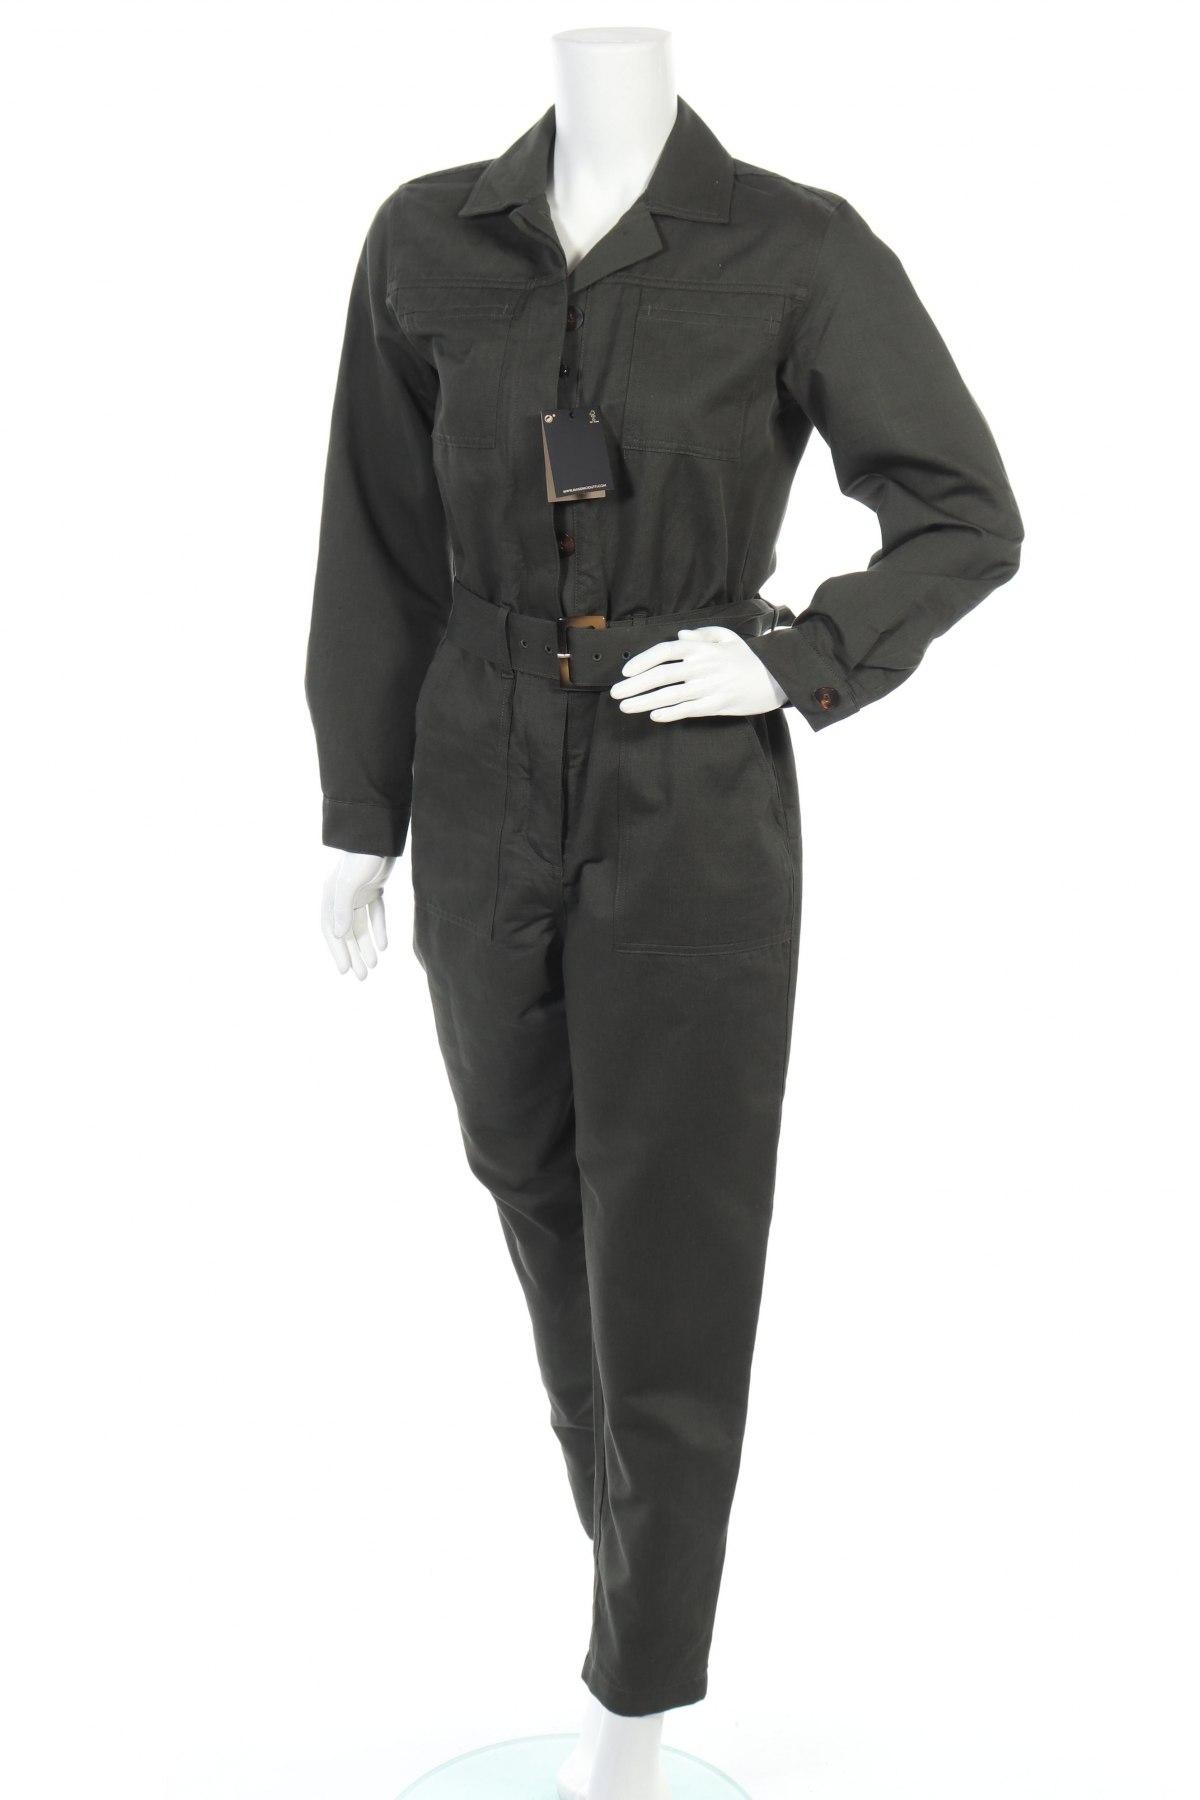 Γυναικεία σαλοπέτα Massimo Dutti, Μέγεθος M, Χρώμα Πράσινο, 74% βαμβάκι, 26% λινό, Τιμή 38,40€